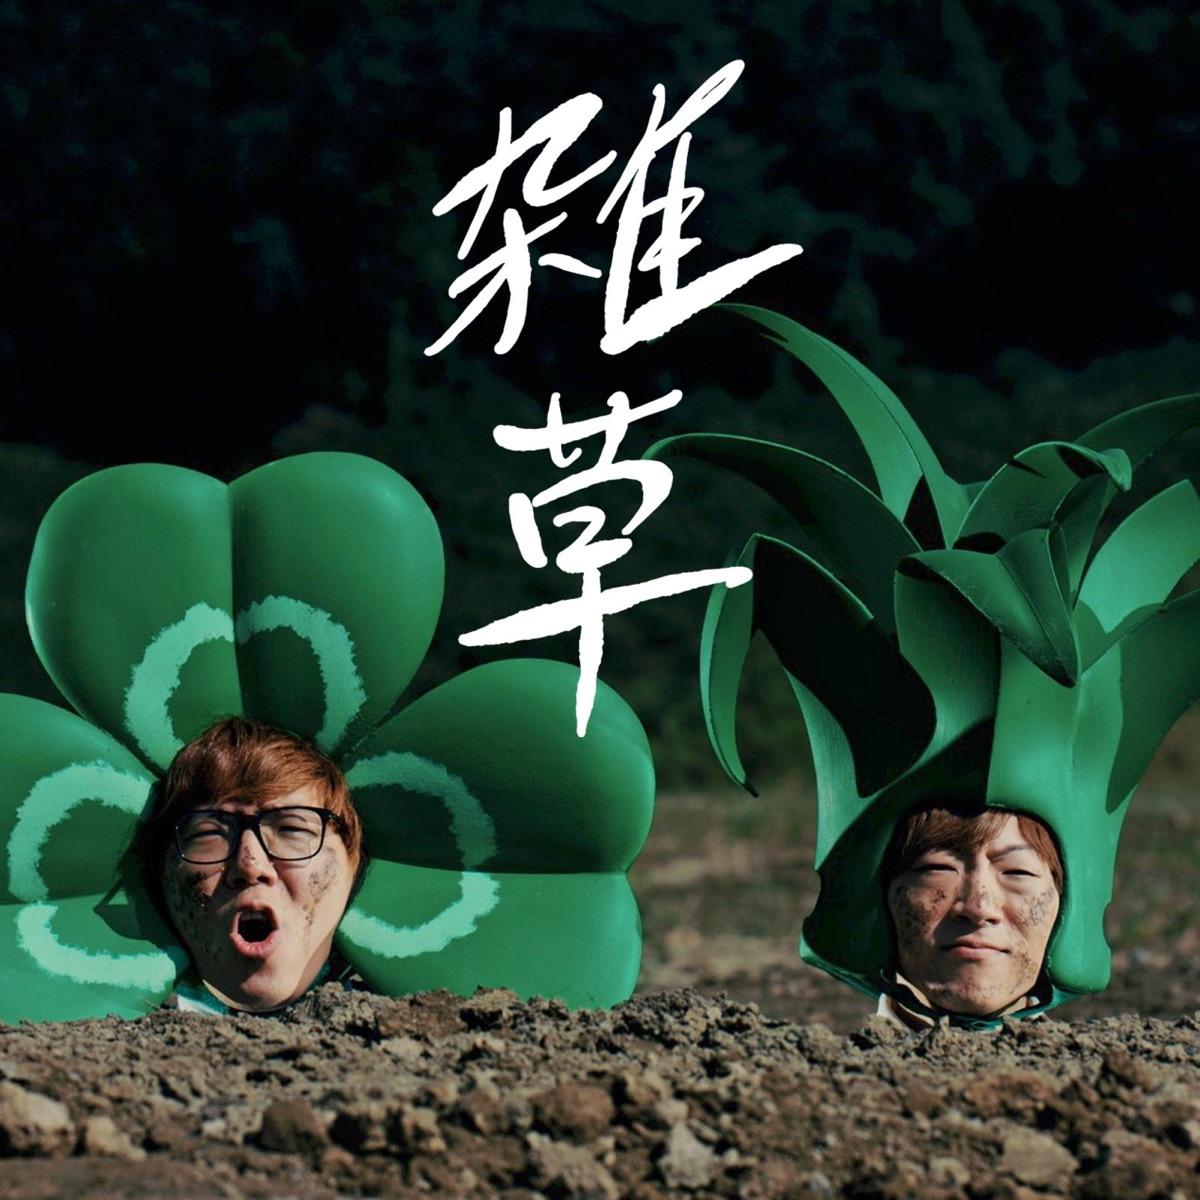 『HIKAKIN & SEIKIN - 雑草』収録の『雑草』ジャケット